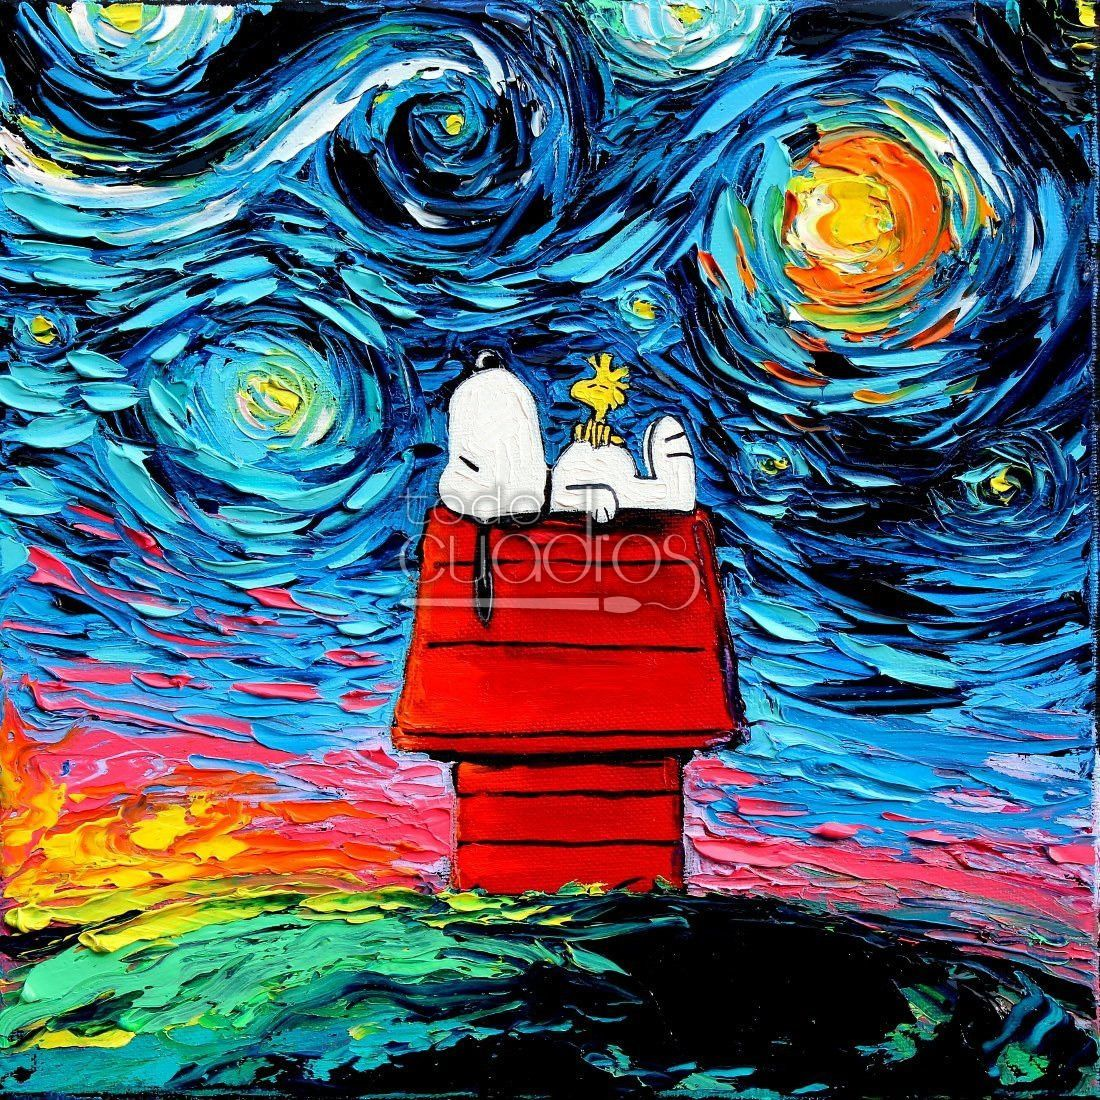 Starry Night Van Gogh Super Mario Bros Nes Nintendo